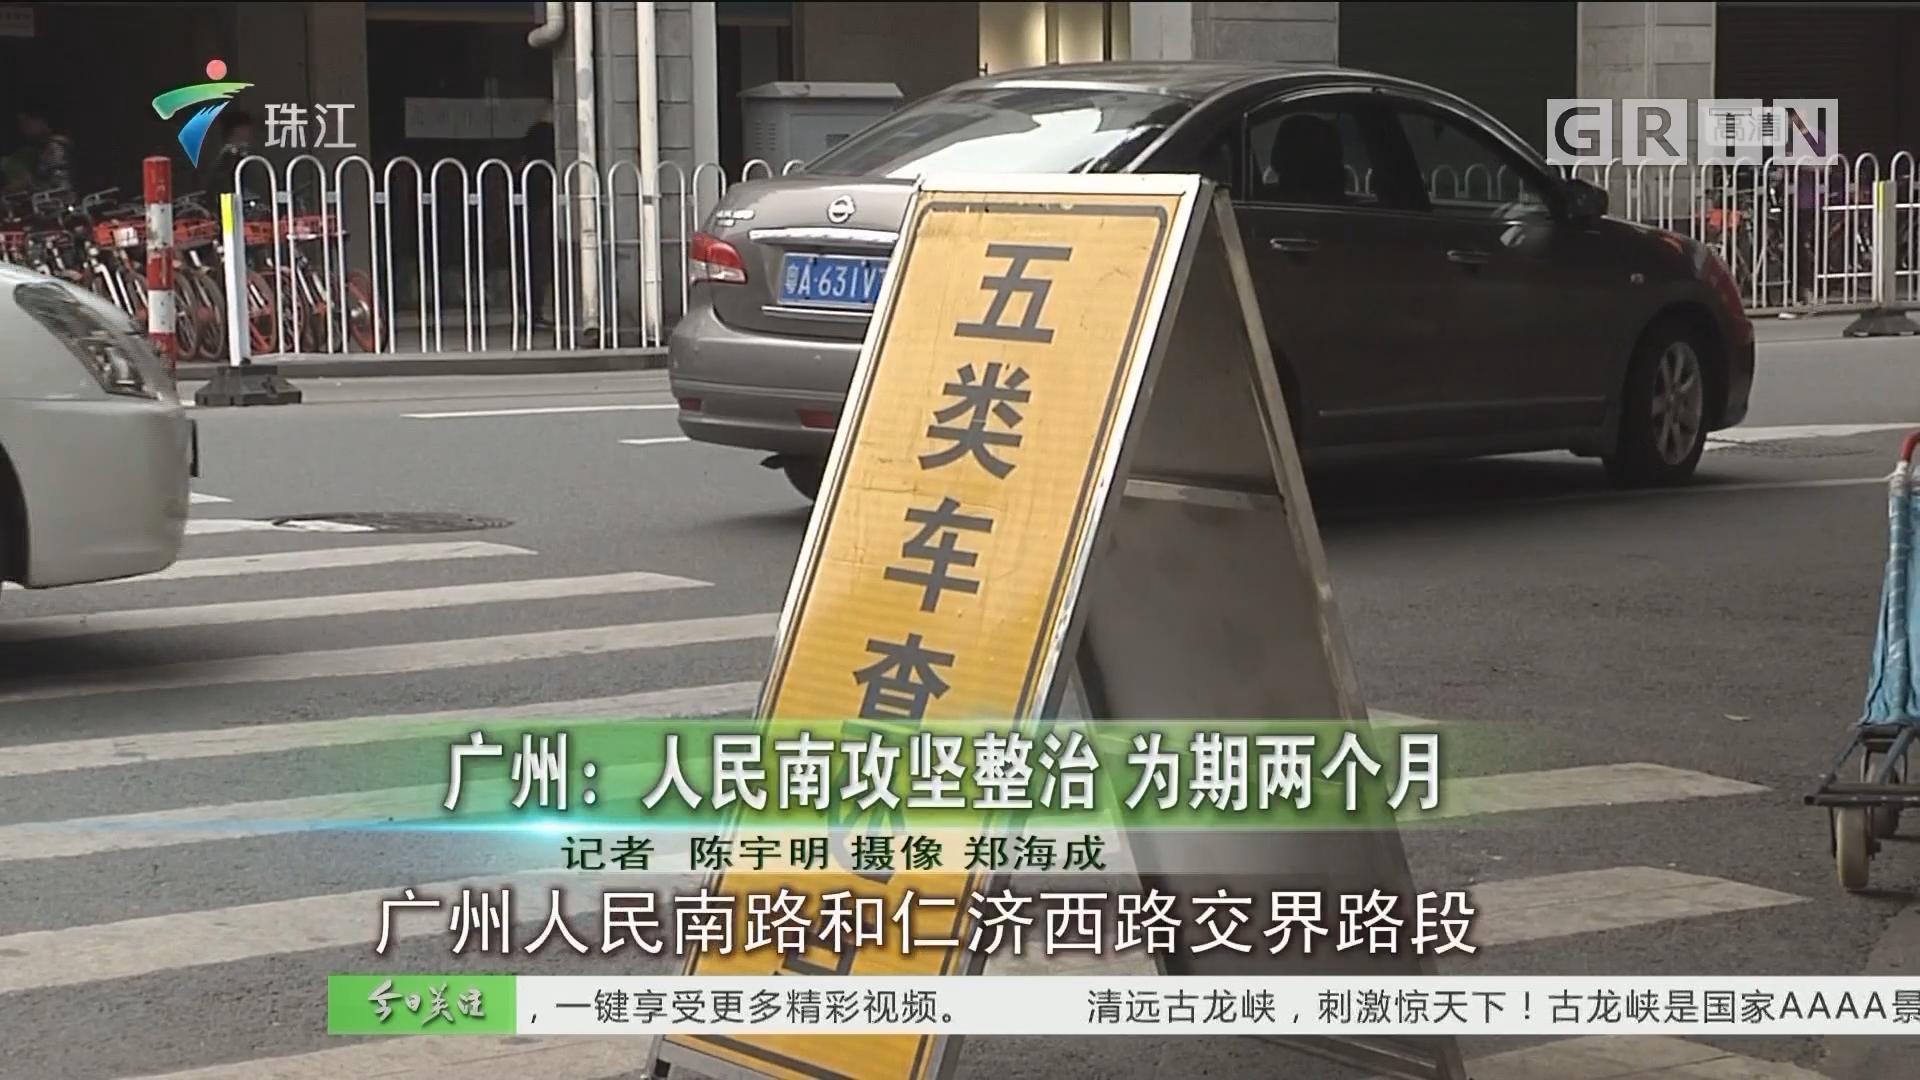 广州:人民南攻坚整治 为期两个月